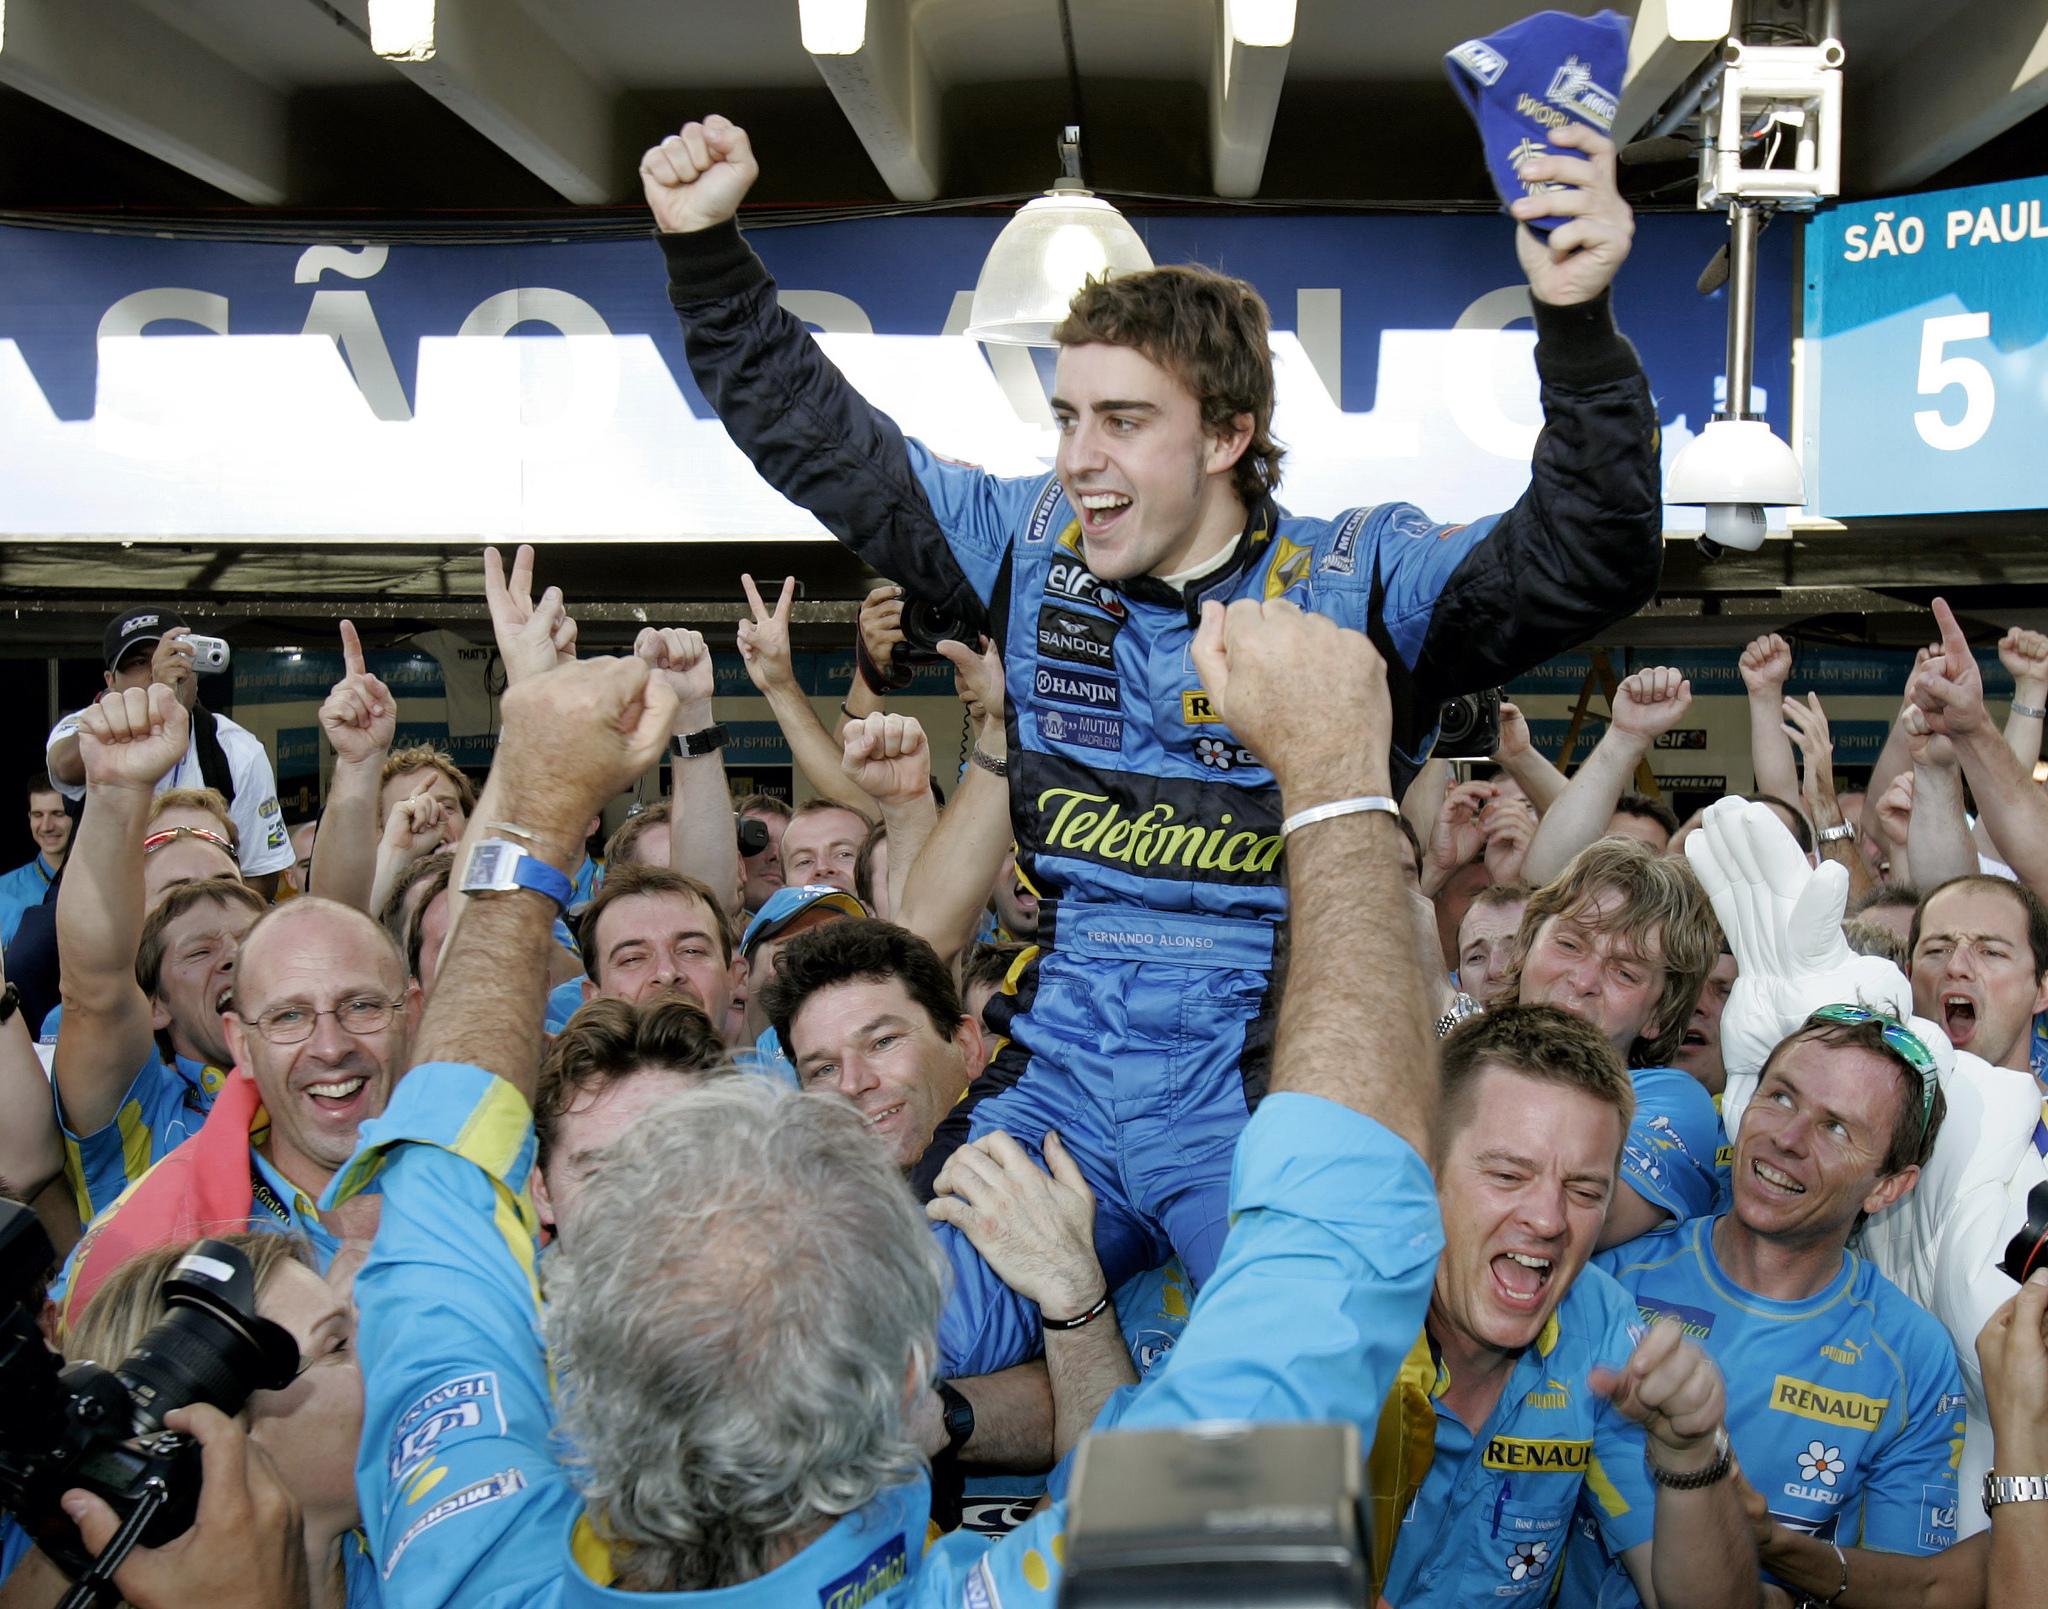 Fernando Alonso - Renault: La cuenta atrás de un acuerdo hasta 2022